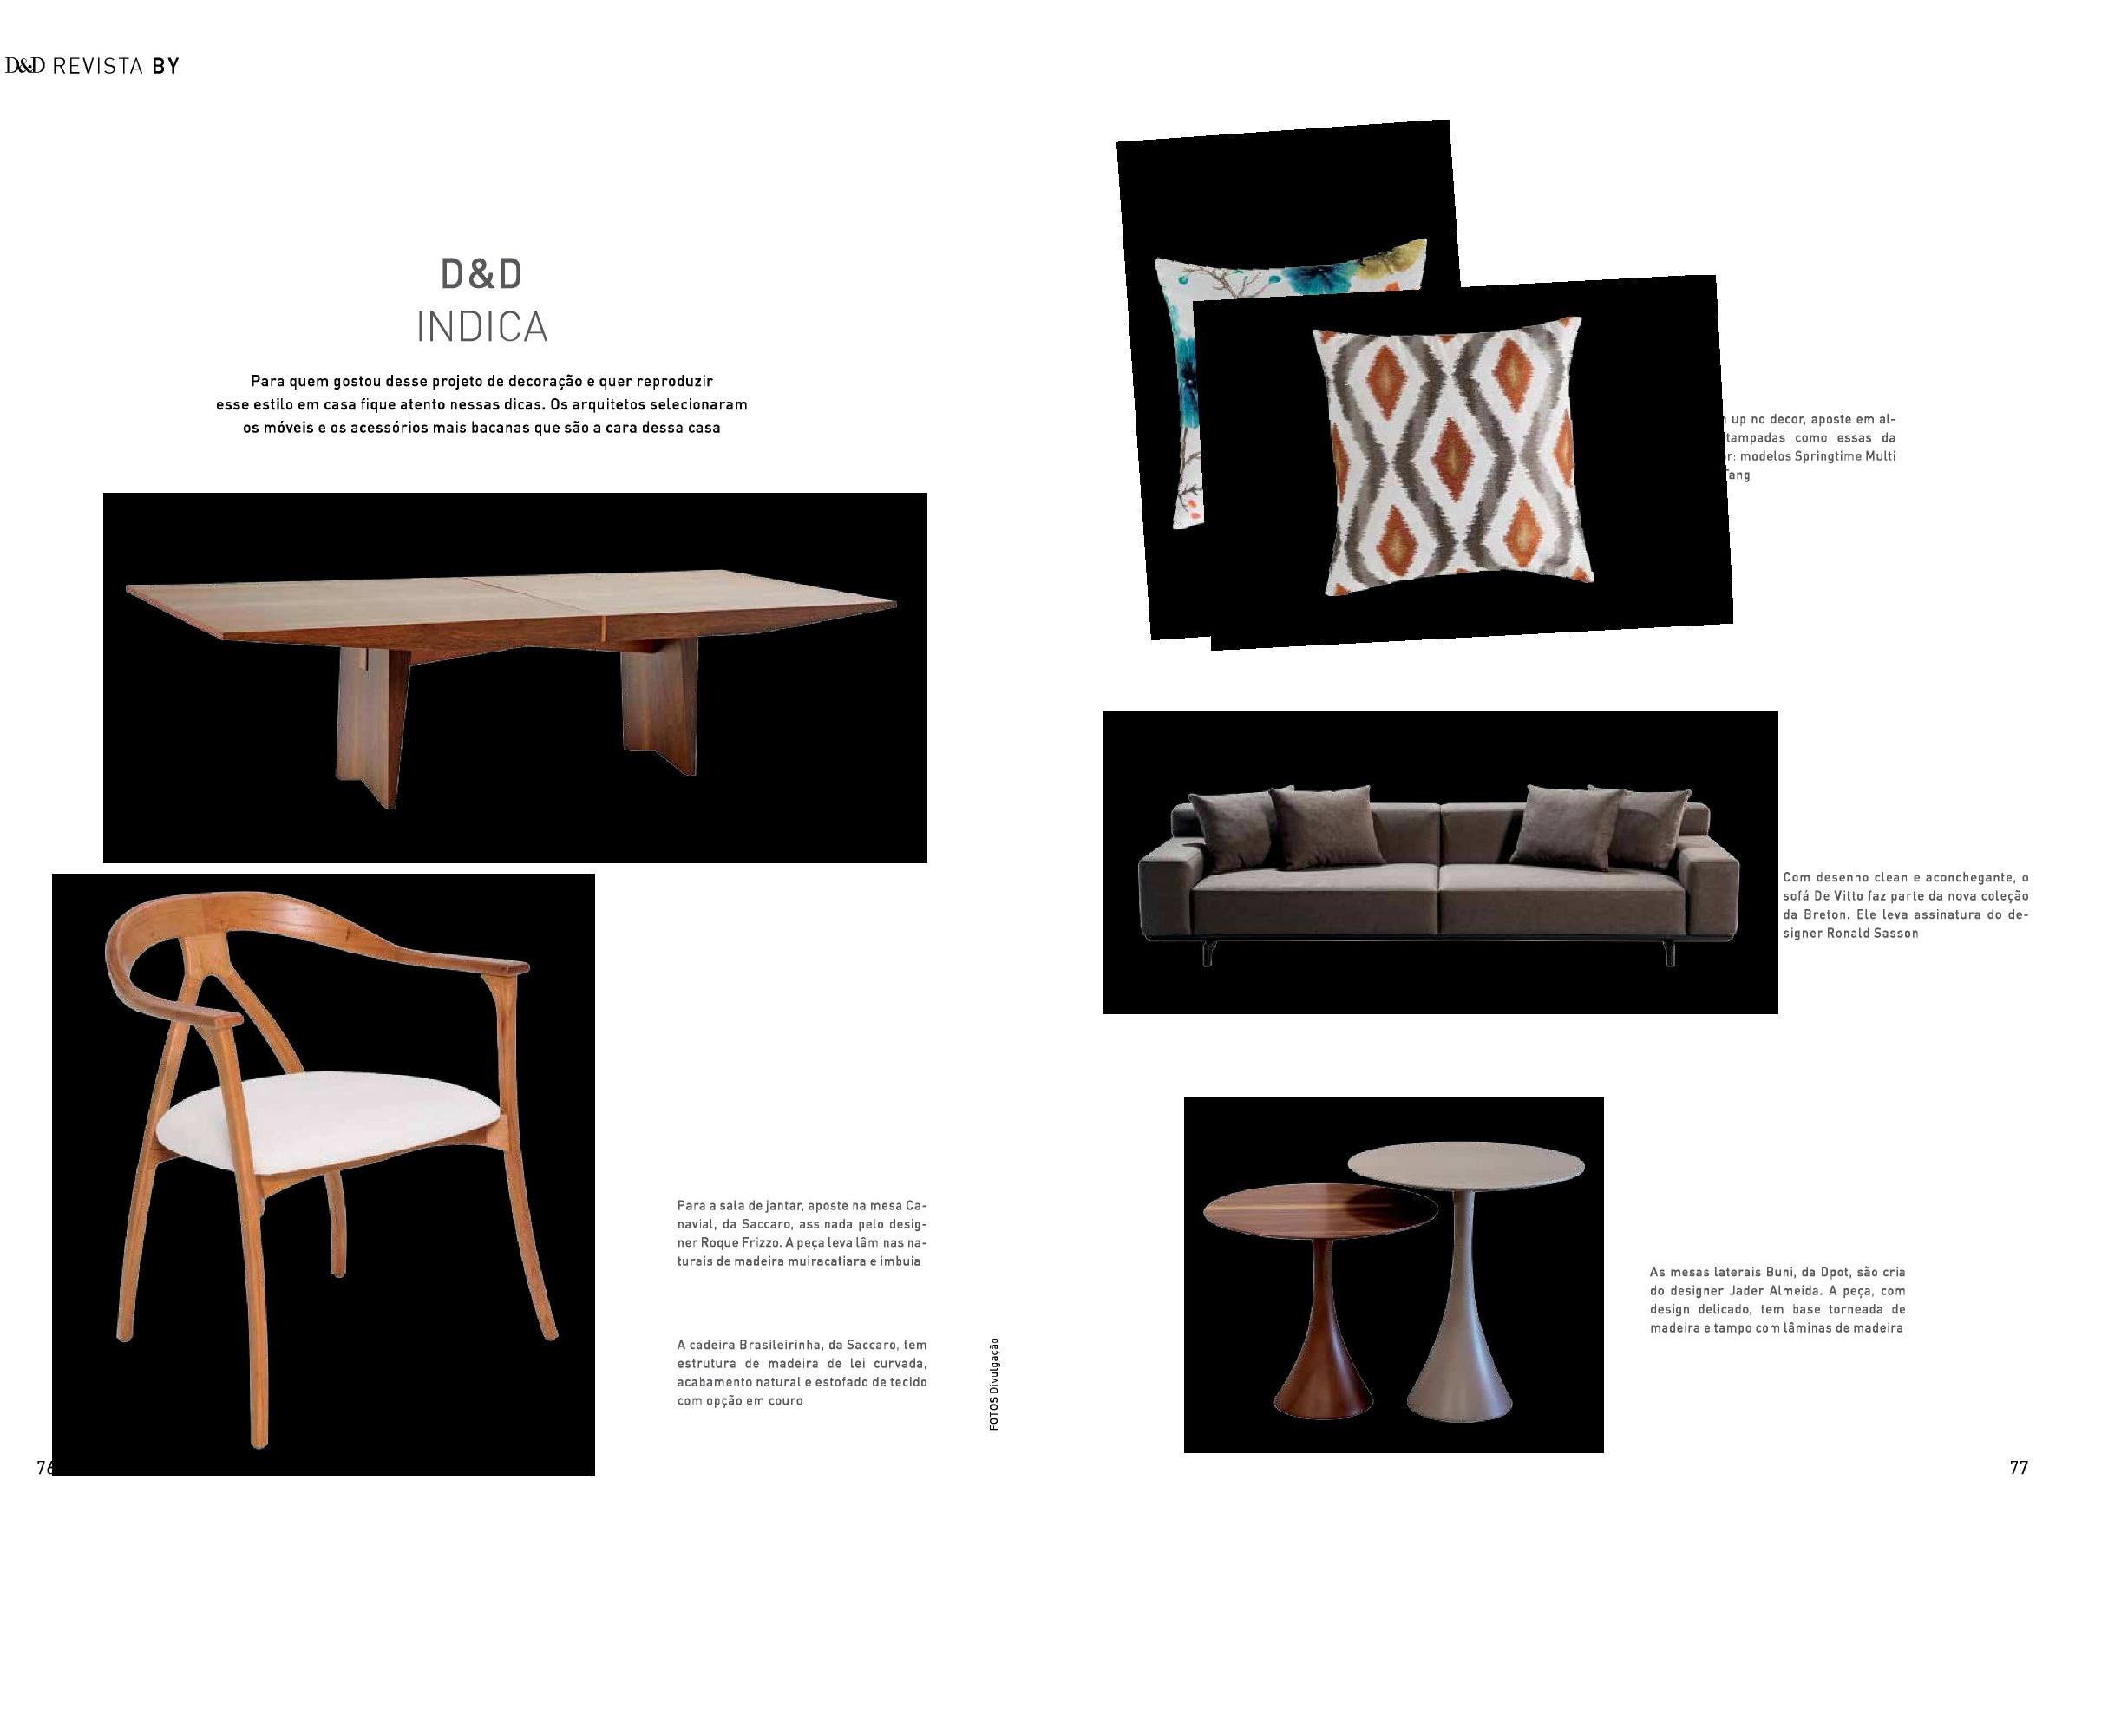 Revista D&D_Flavio Butti e Alice Martins_page_03.jpg